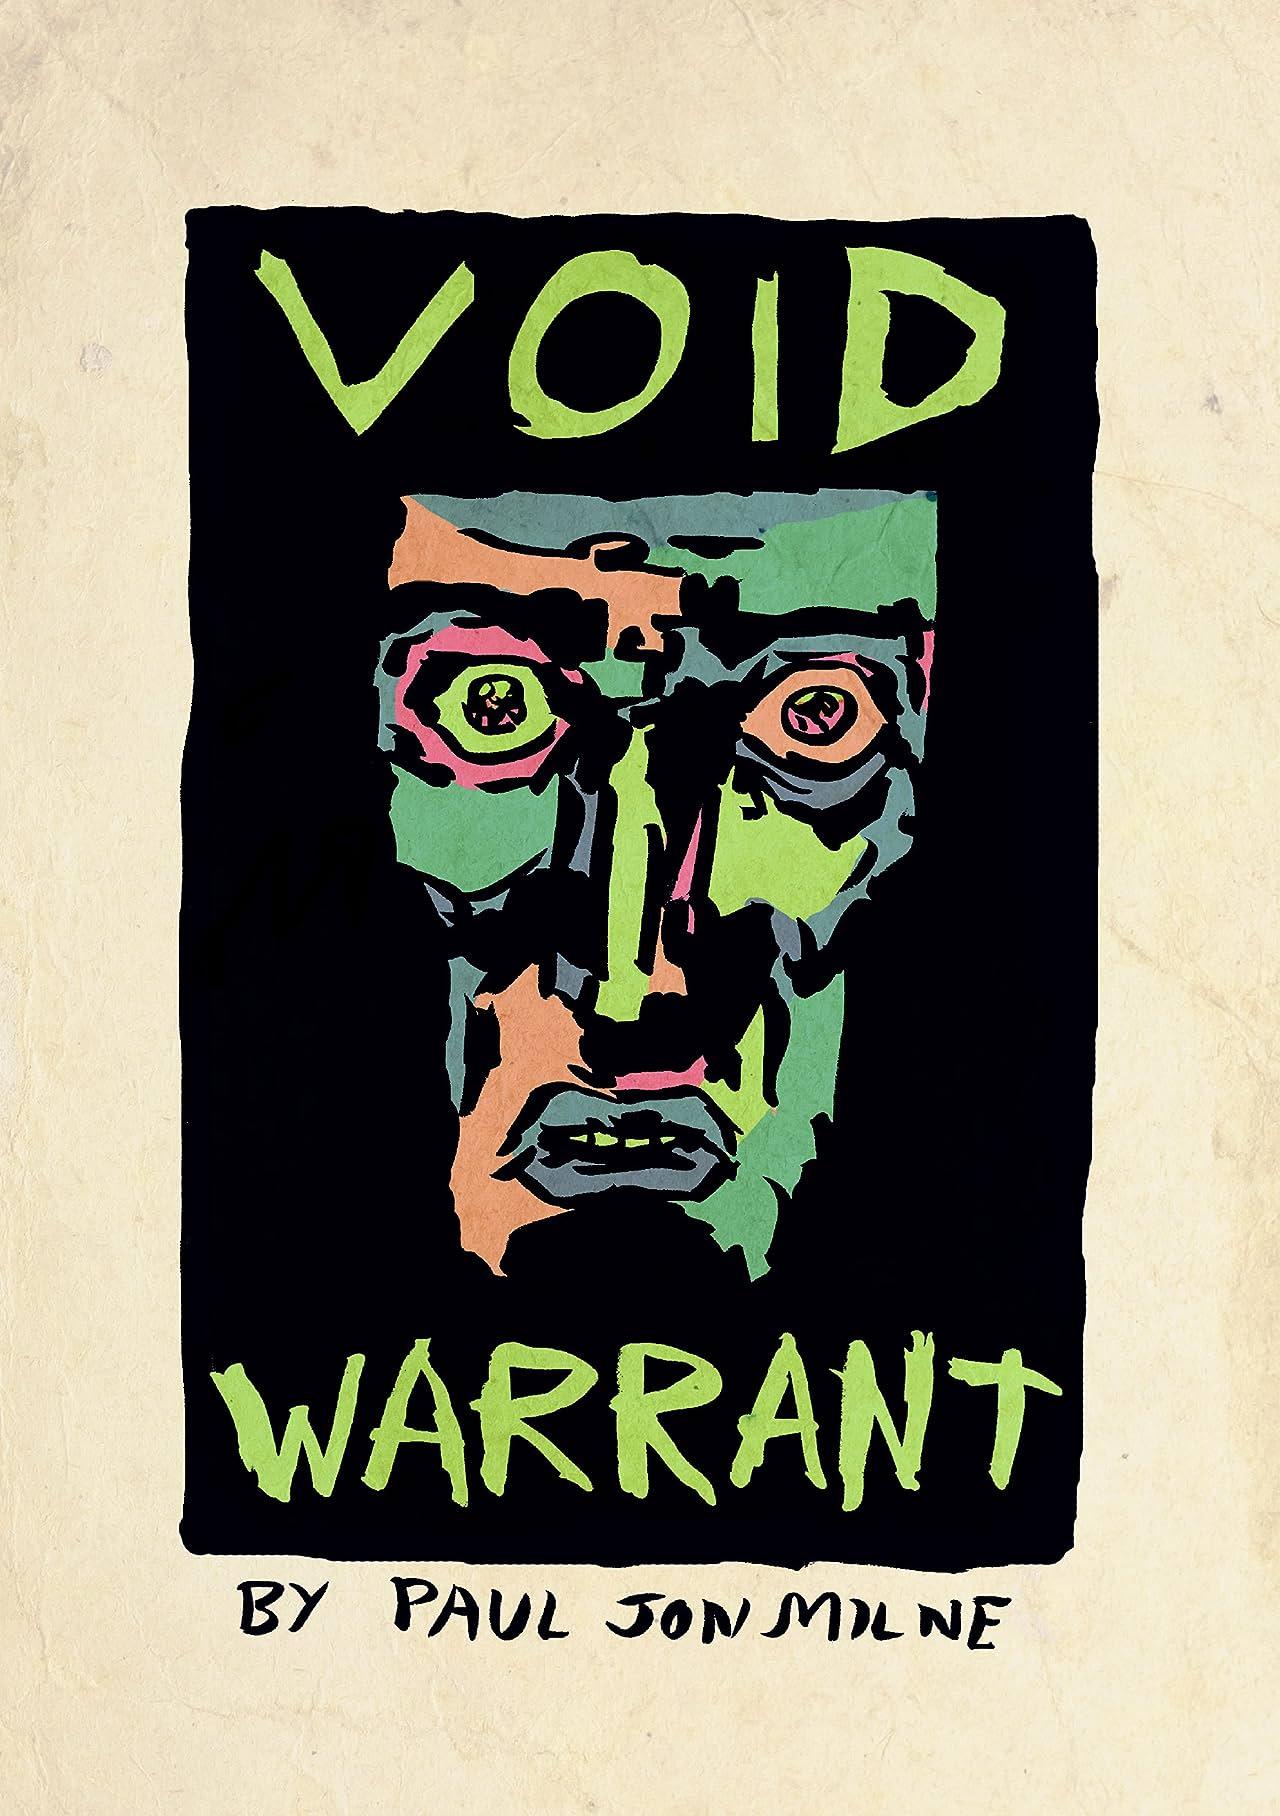 Void Warrant